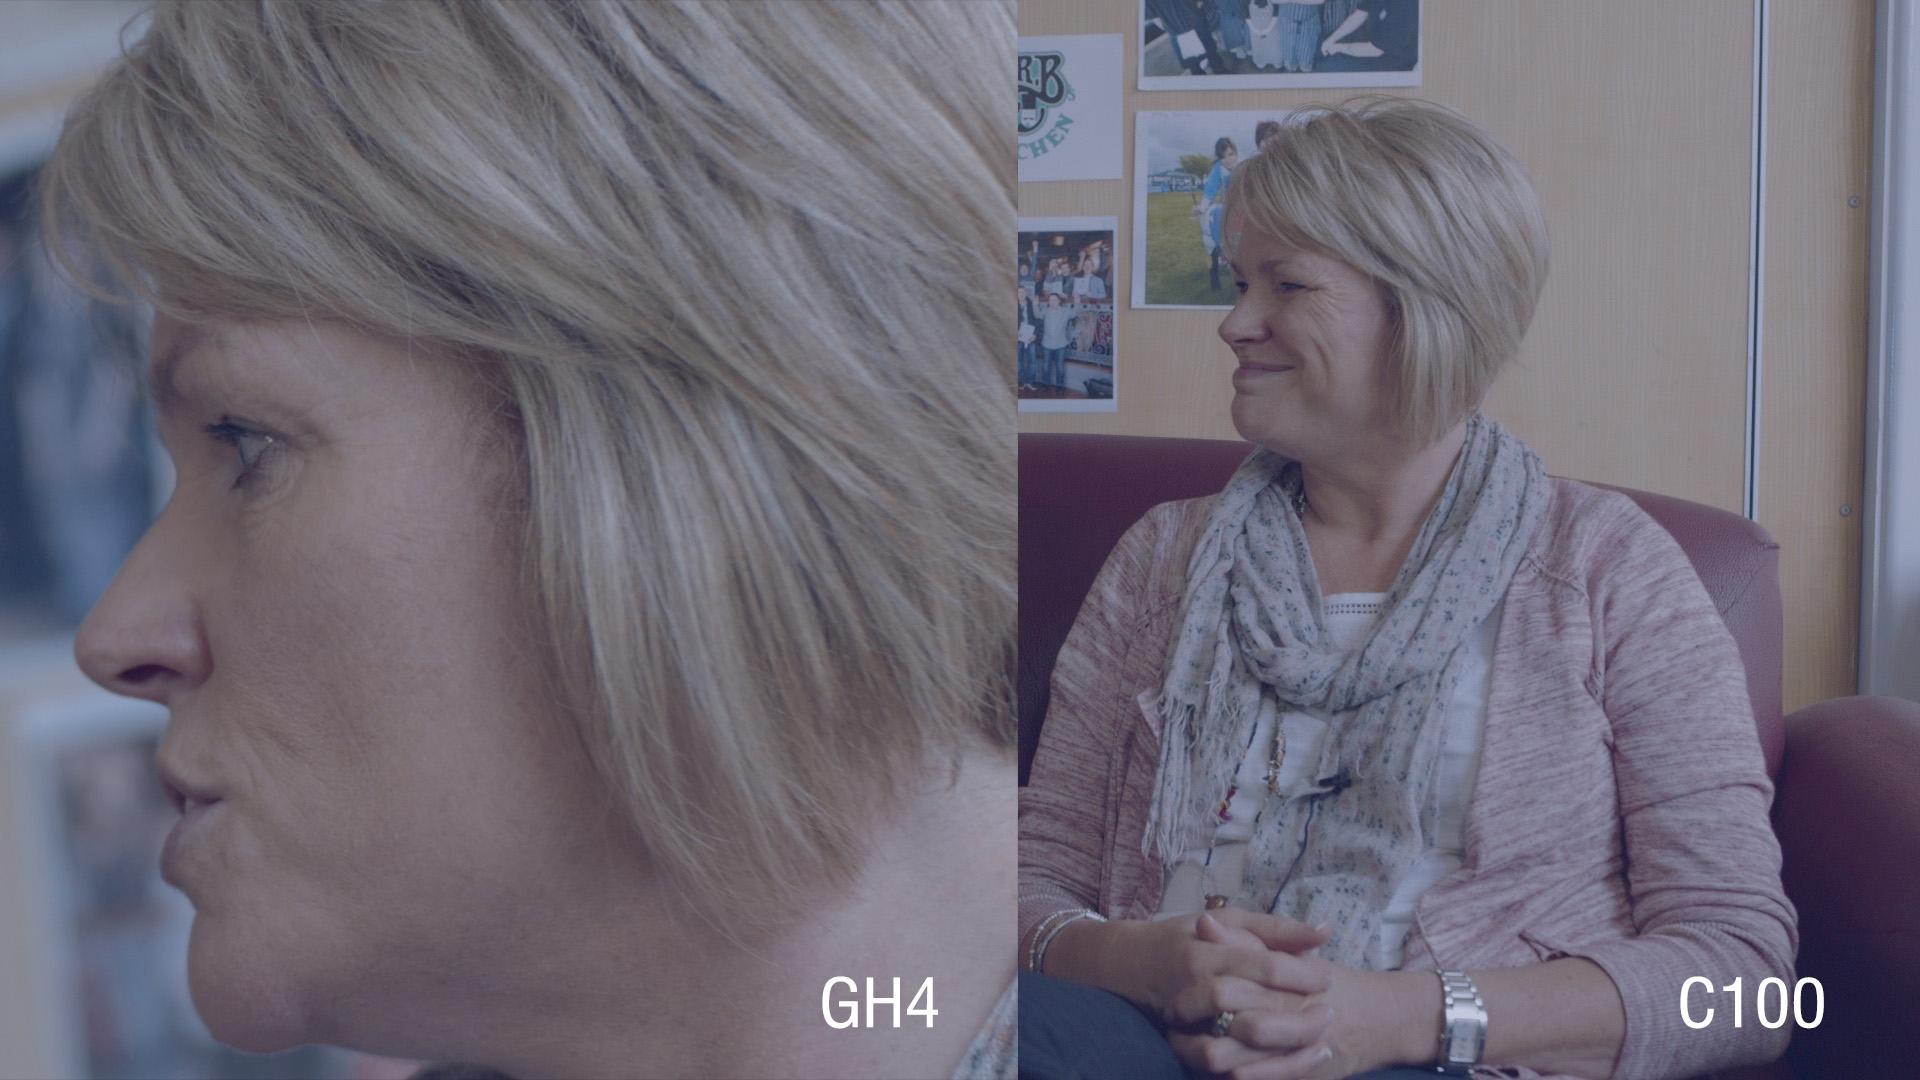 C100 / GH4 Skin tone comparison graded